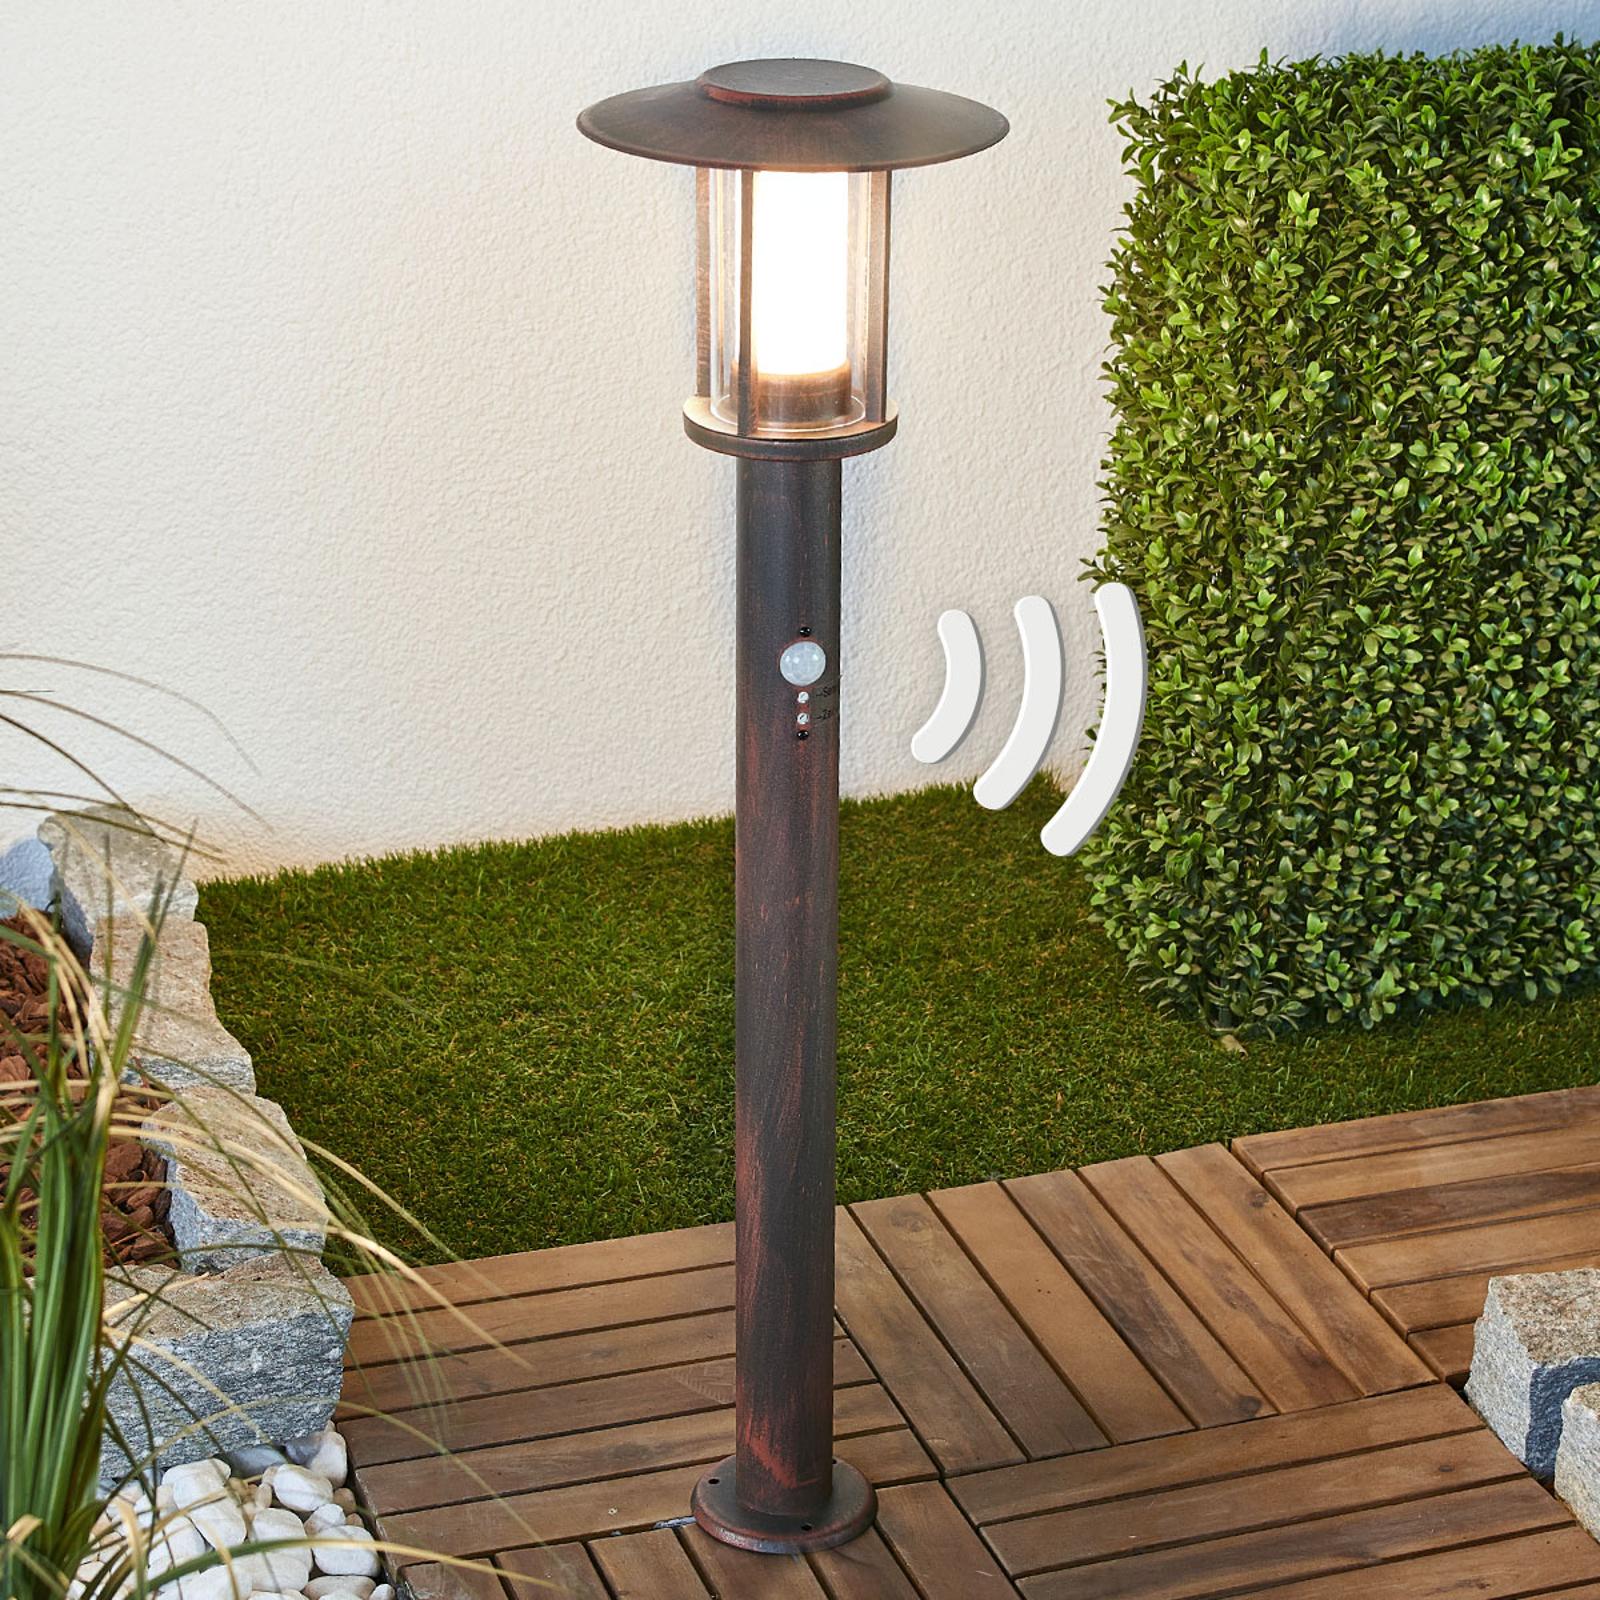 LED-pullertlampe Pavlos med sensor